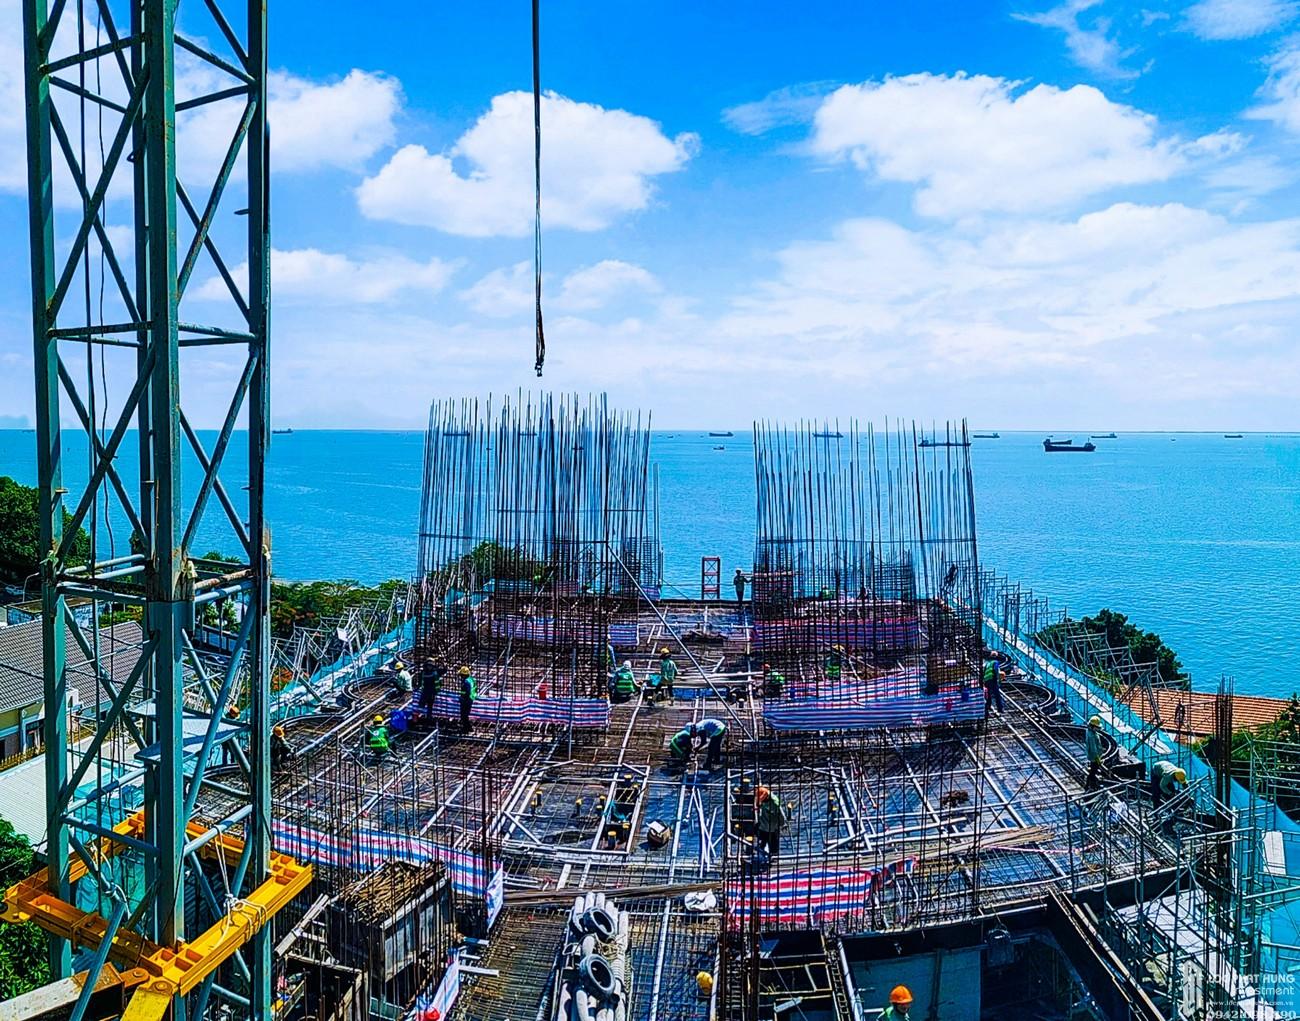 Tiến độ dự án căn hộ Condotel Oyster Gành Hào Vũng Tàu chủ đầu tư Vietpearl Group tháng 07/2020